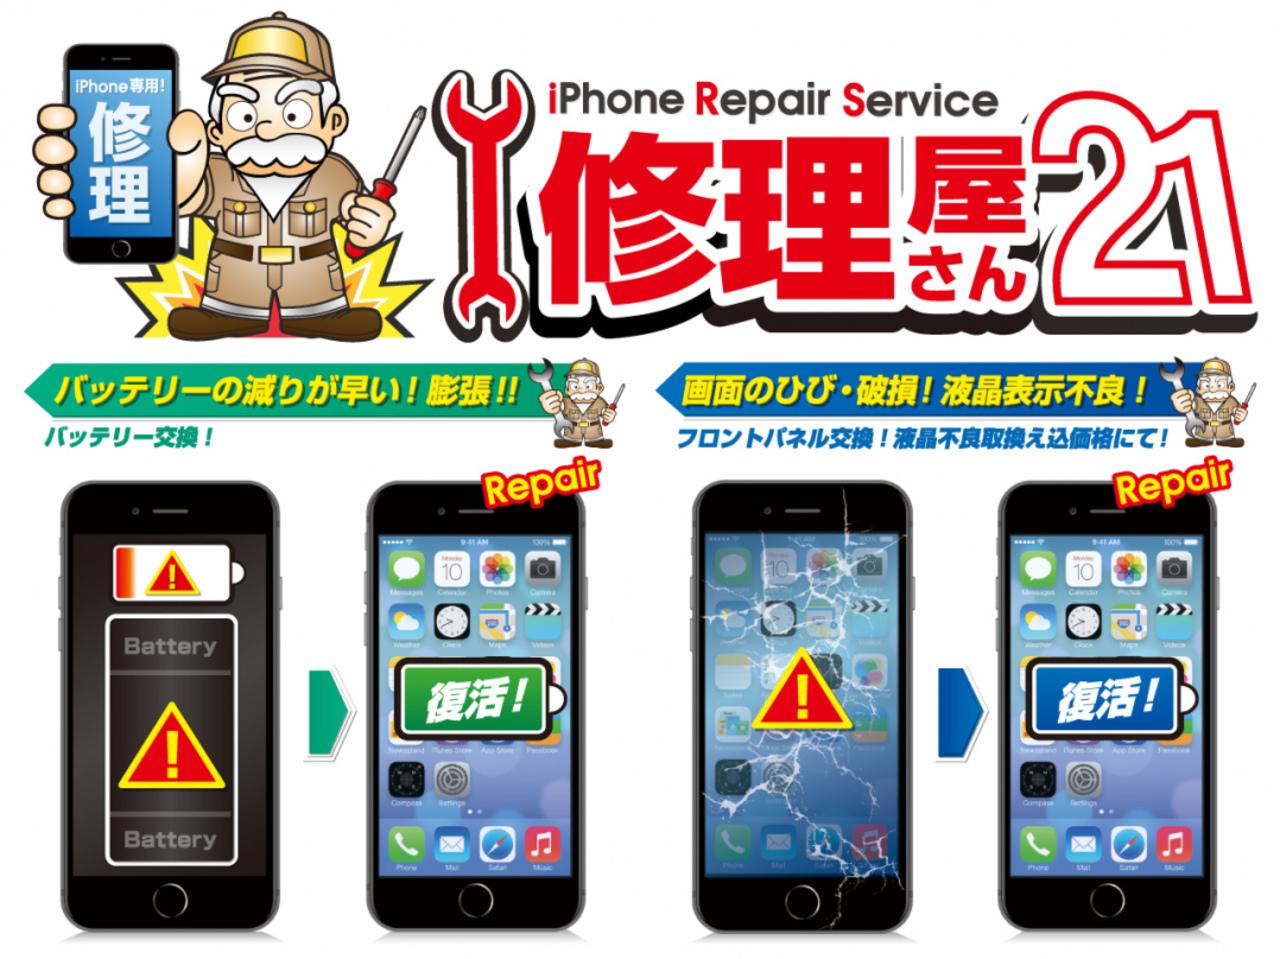 【はんこ屋さん21上大岡店】iPhone修理サービスの受付スタートしました